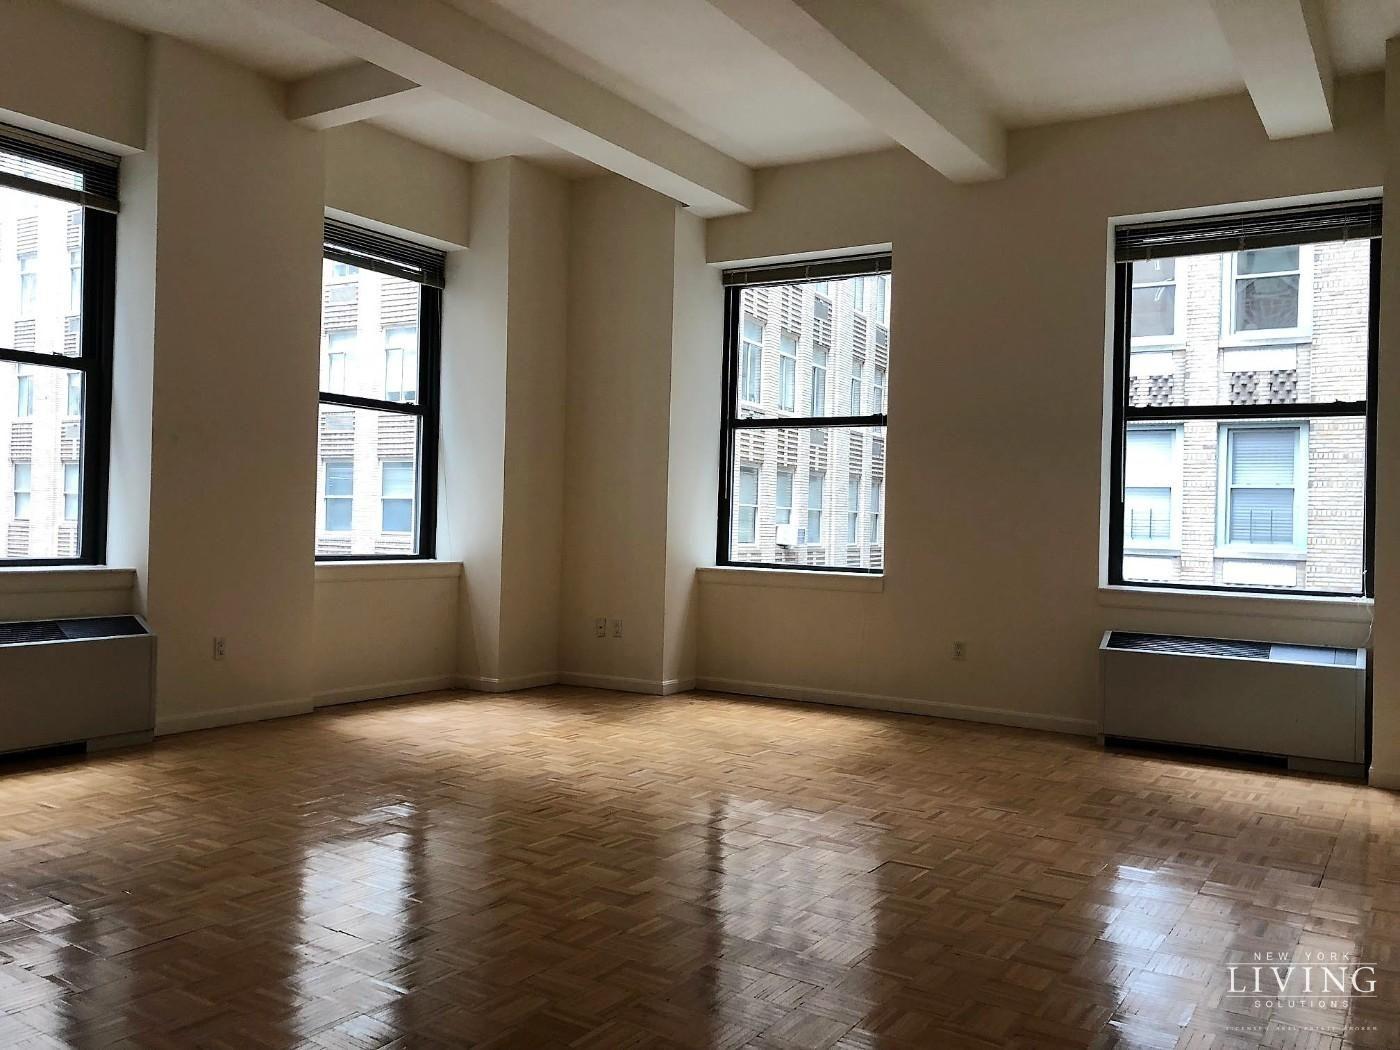 2 Bedrooms 2 Bathrooms Condo For Sale In Financial District Condos For Rent New York Condos Condos For Sale